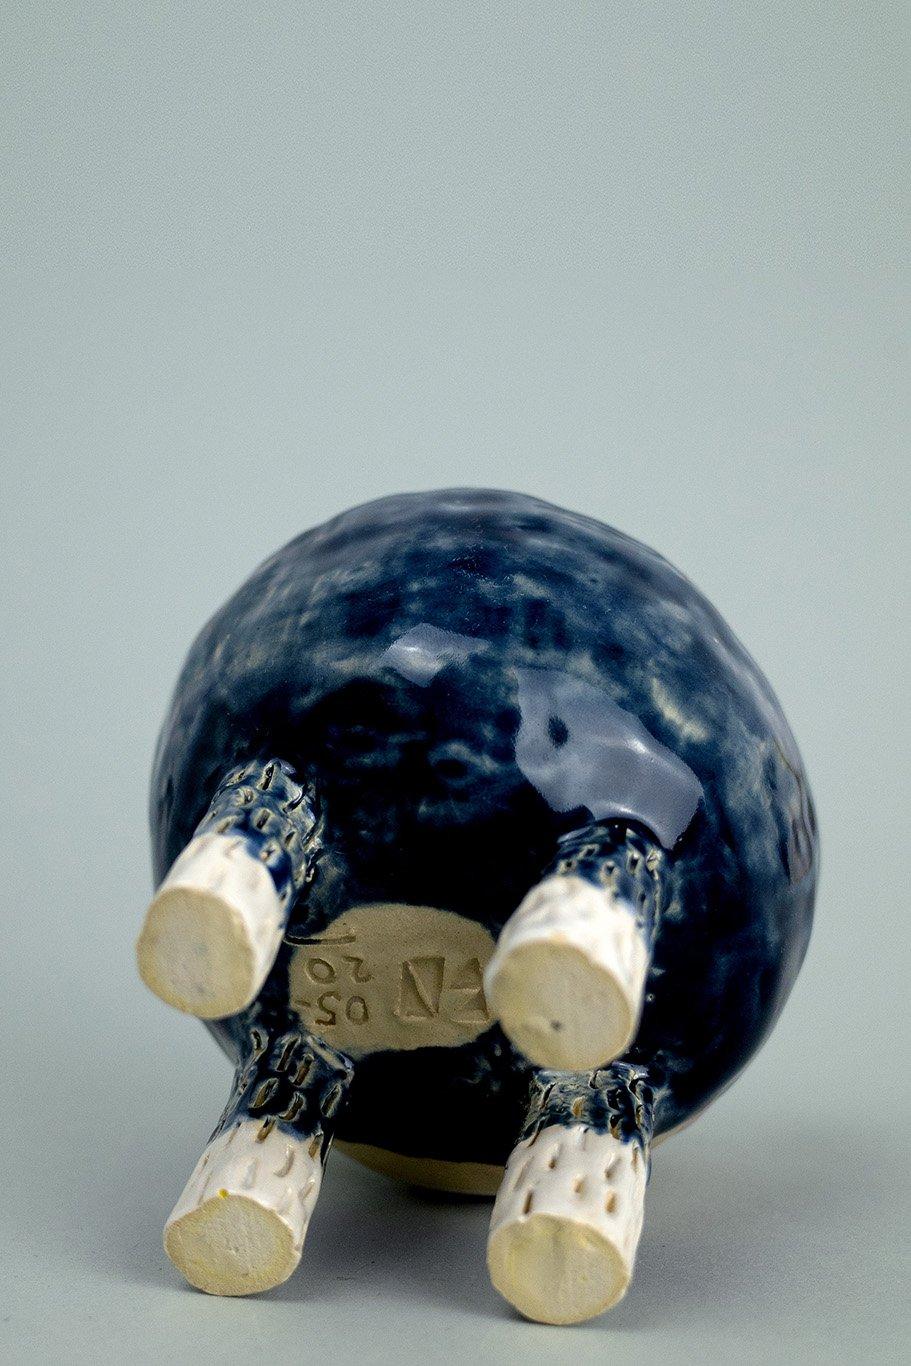 Image of Jar Creature No. 12